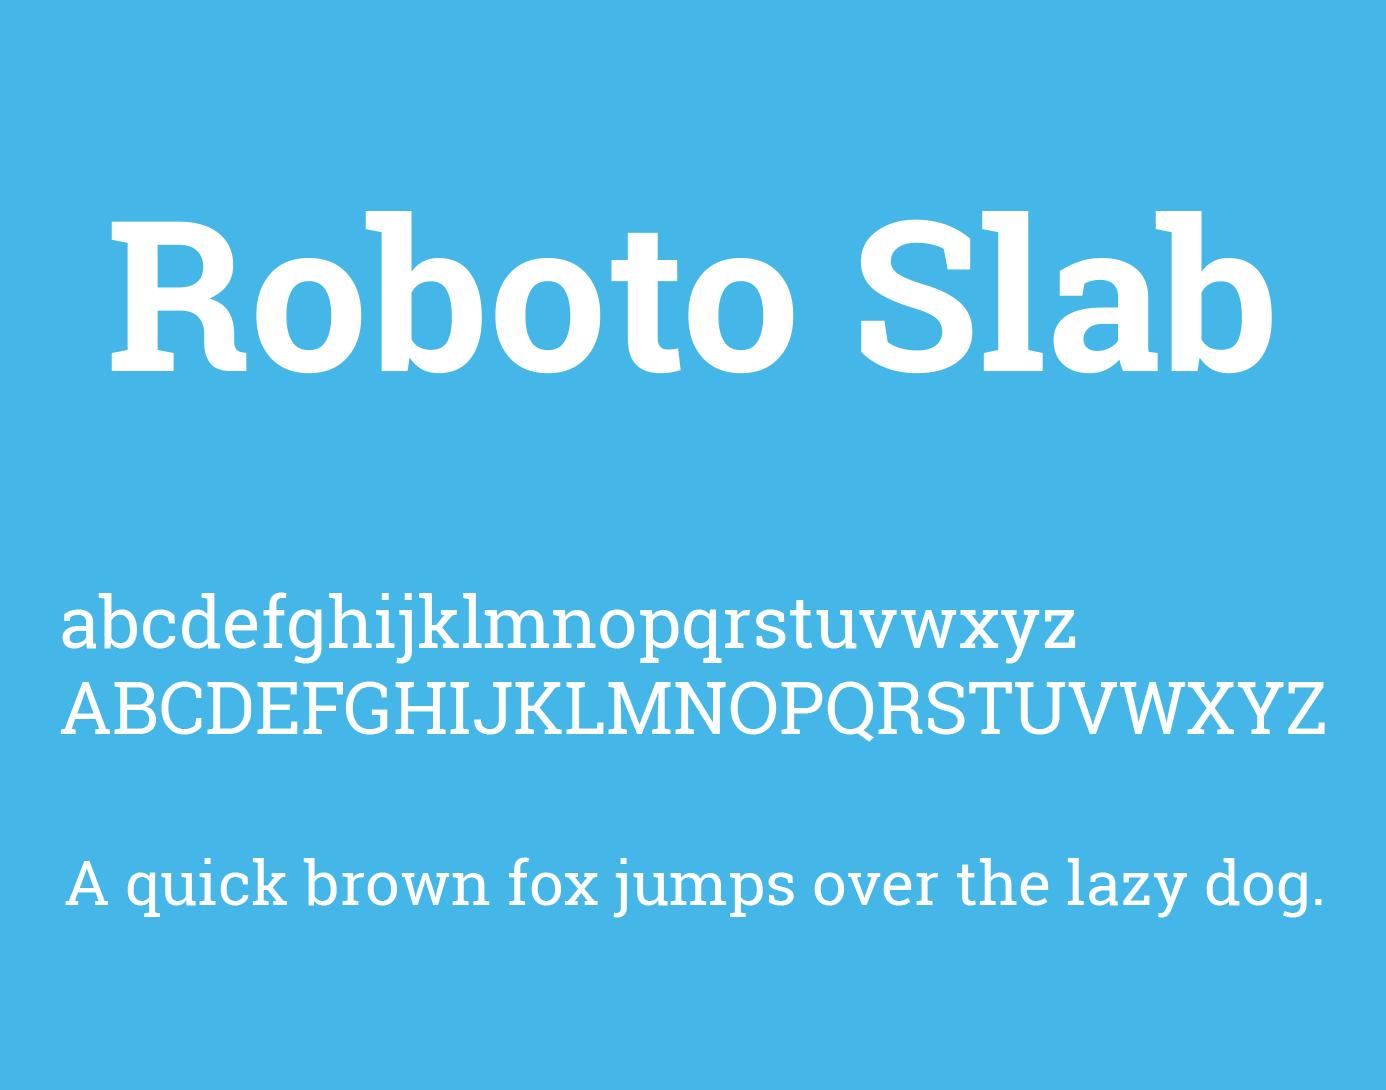 https://fontclarity.com/wp-content/uploads/2019/09/roboto-slab-font-download-0.png Free Download